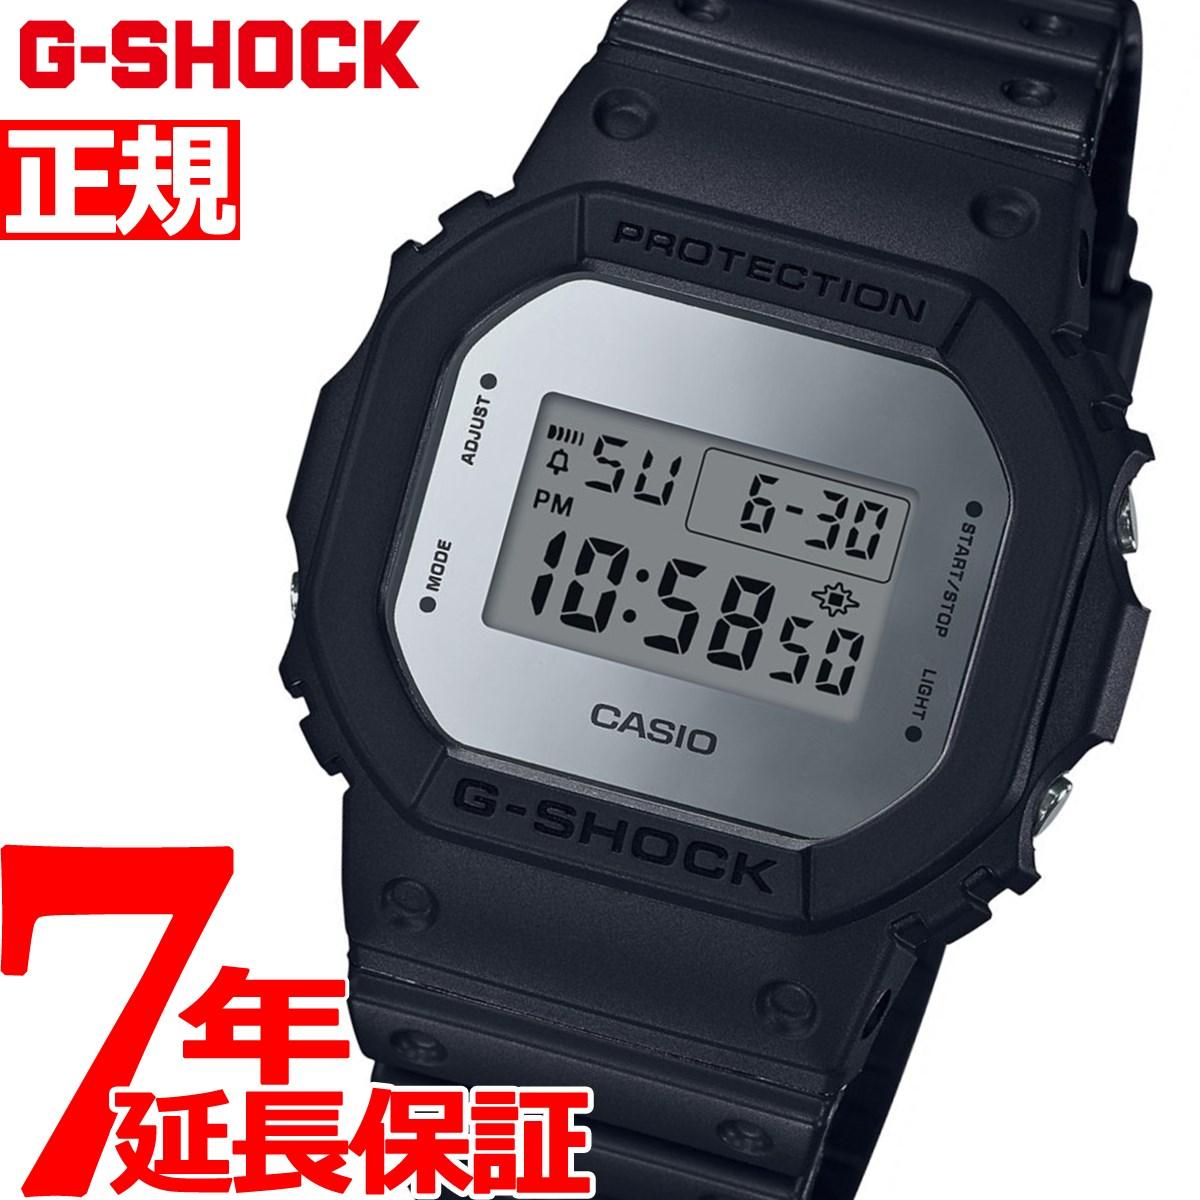 G-SHOCK デジタル 5600 カシオ Gショック CASIO 限定モデル 腕時計 メンズ メタリック ミラーフェイス シルバー Metallic Mirror Face DW-5600BBMA-1JF【2018 新作】